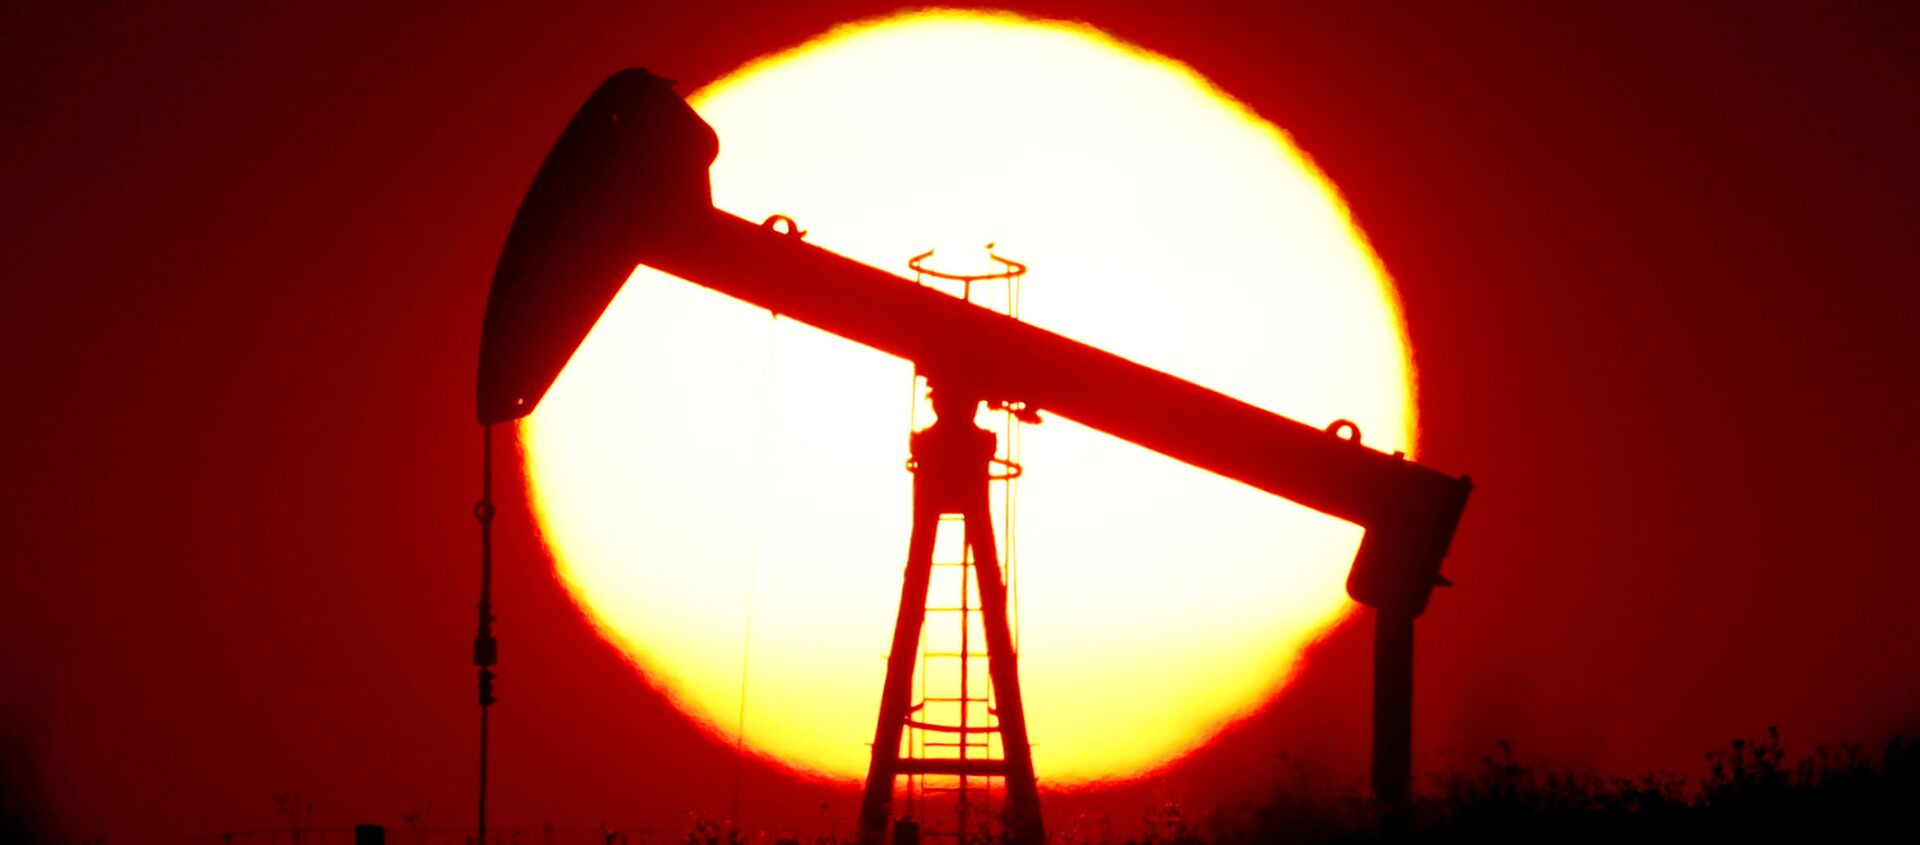 Extracción de petróleo (imagen referencial) - Sputnik Mundo, 1920, 16.12.2020